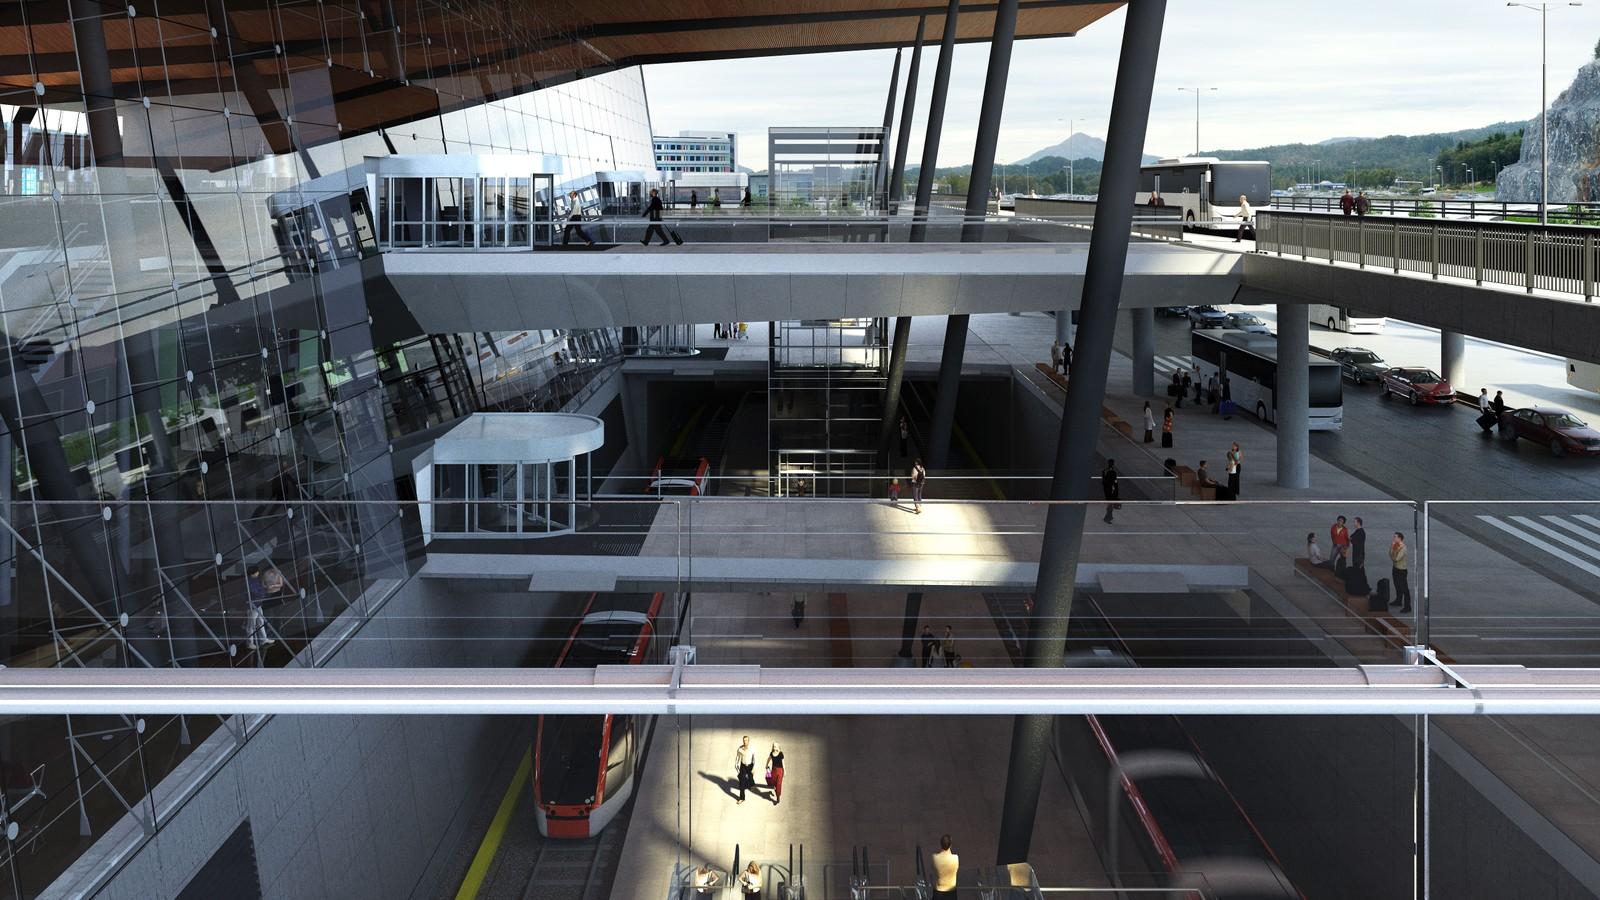 KJENT UTFORMING: Fronten på den nye terminalen blir ikke ulik Oslo Lufthavn Gardermoen. Illustrasjon: Nordic – Office of Architecture